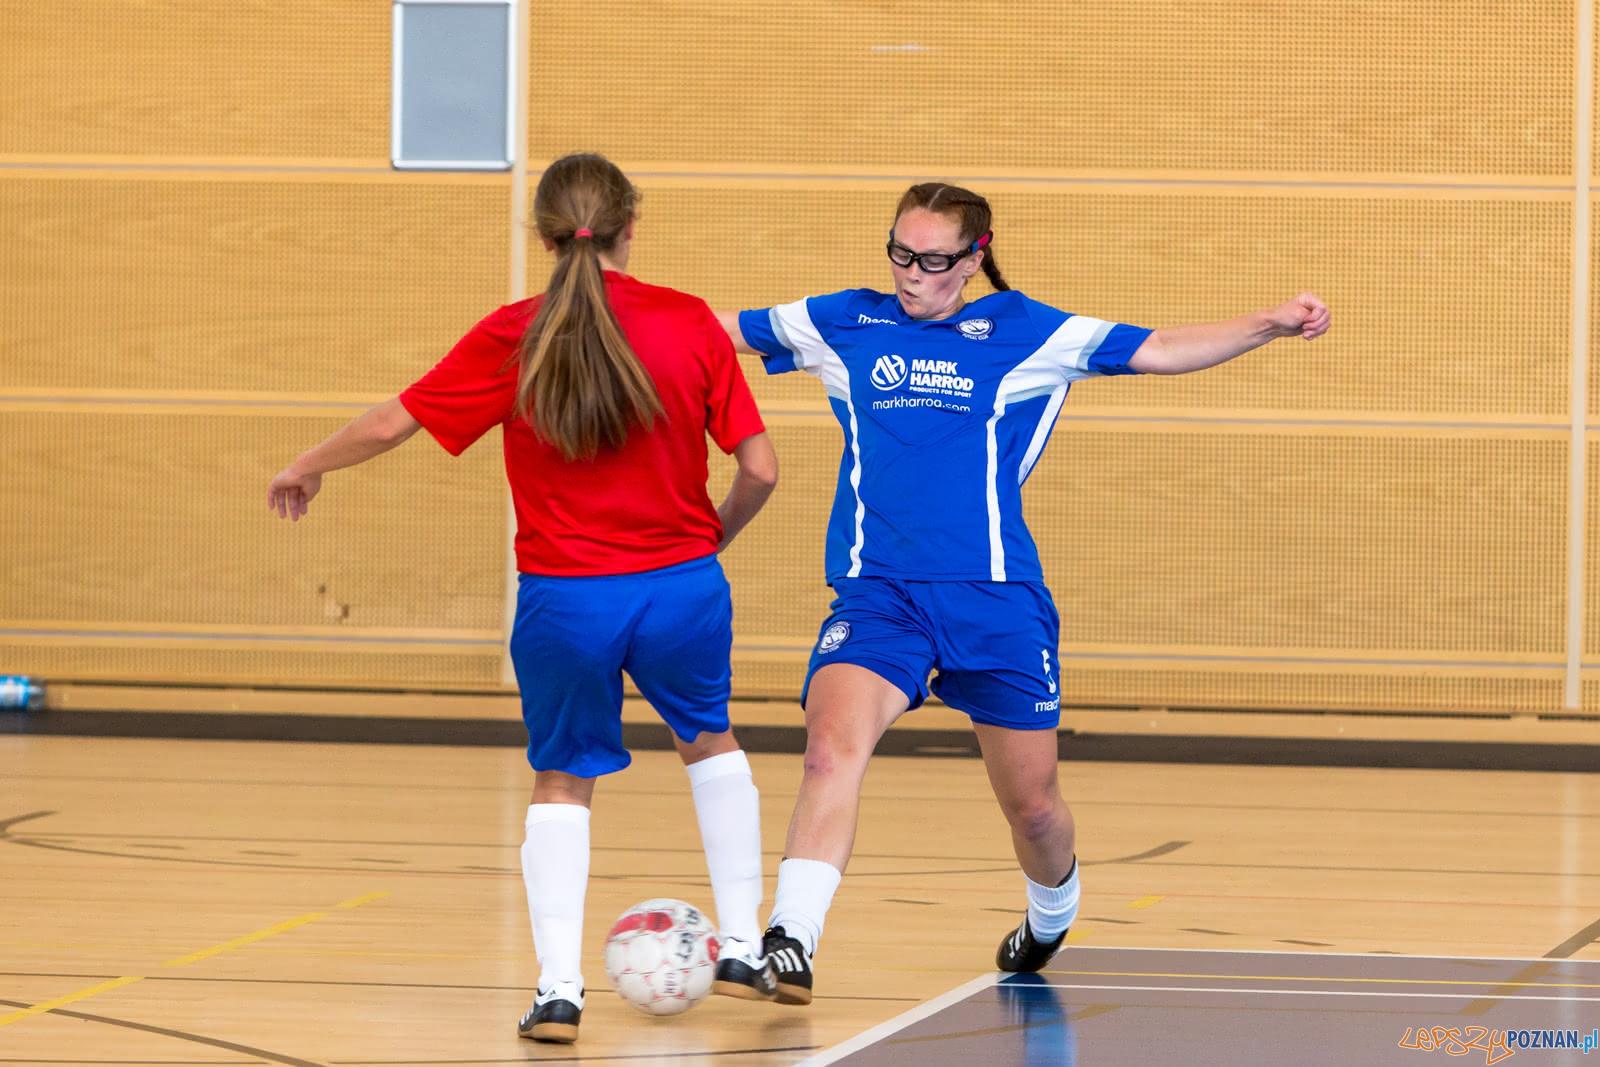 Międzynarodowy Towarzyski Turniej w Futsalu Kobiet  Foto: lepszyPOZNAN.pl/Piotr Rychter